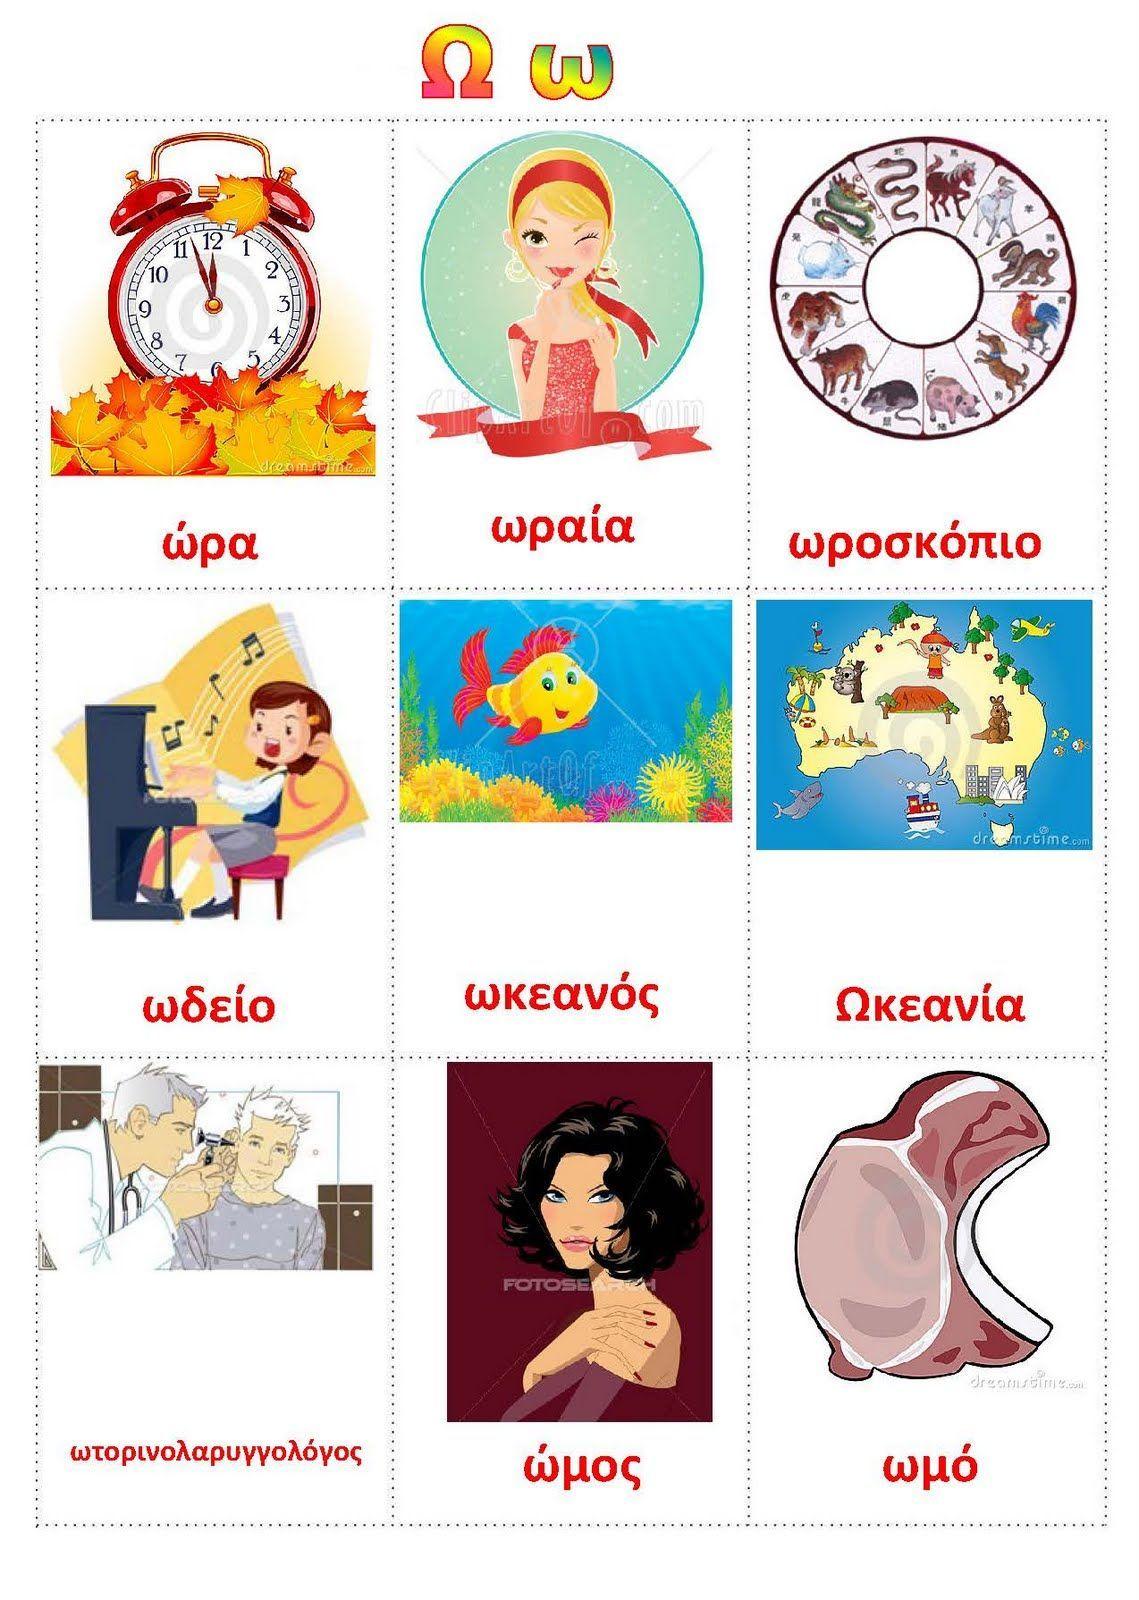 Sprache Griechisch